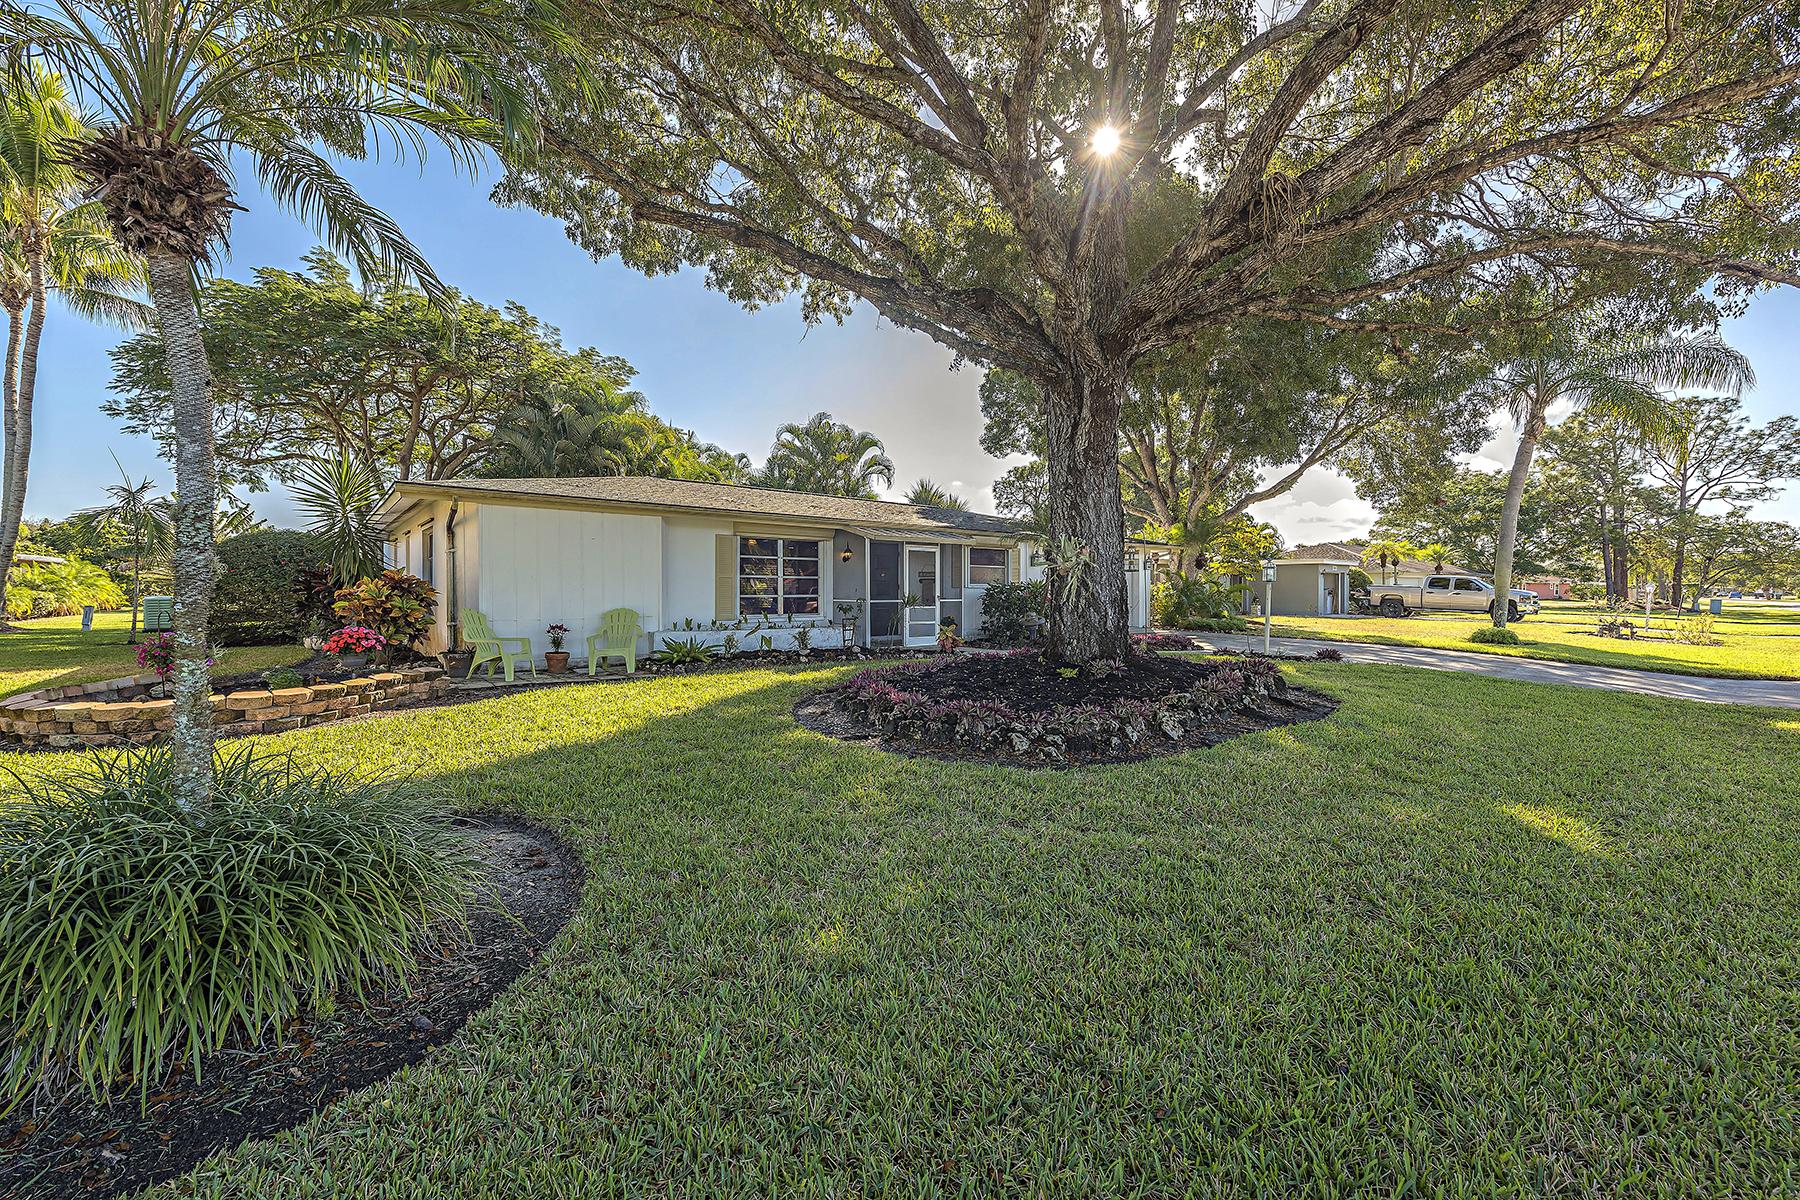 Tek Ailelik Ev için Satış at LELY TROPICAL ESTATES - LELY VILLAS 4805 Hawaii Blvd 3 Naples, Florida, 34112 Amerika Birleşik Devletleri